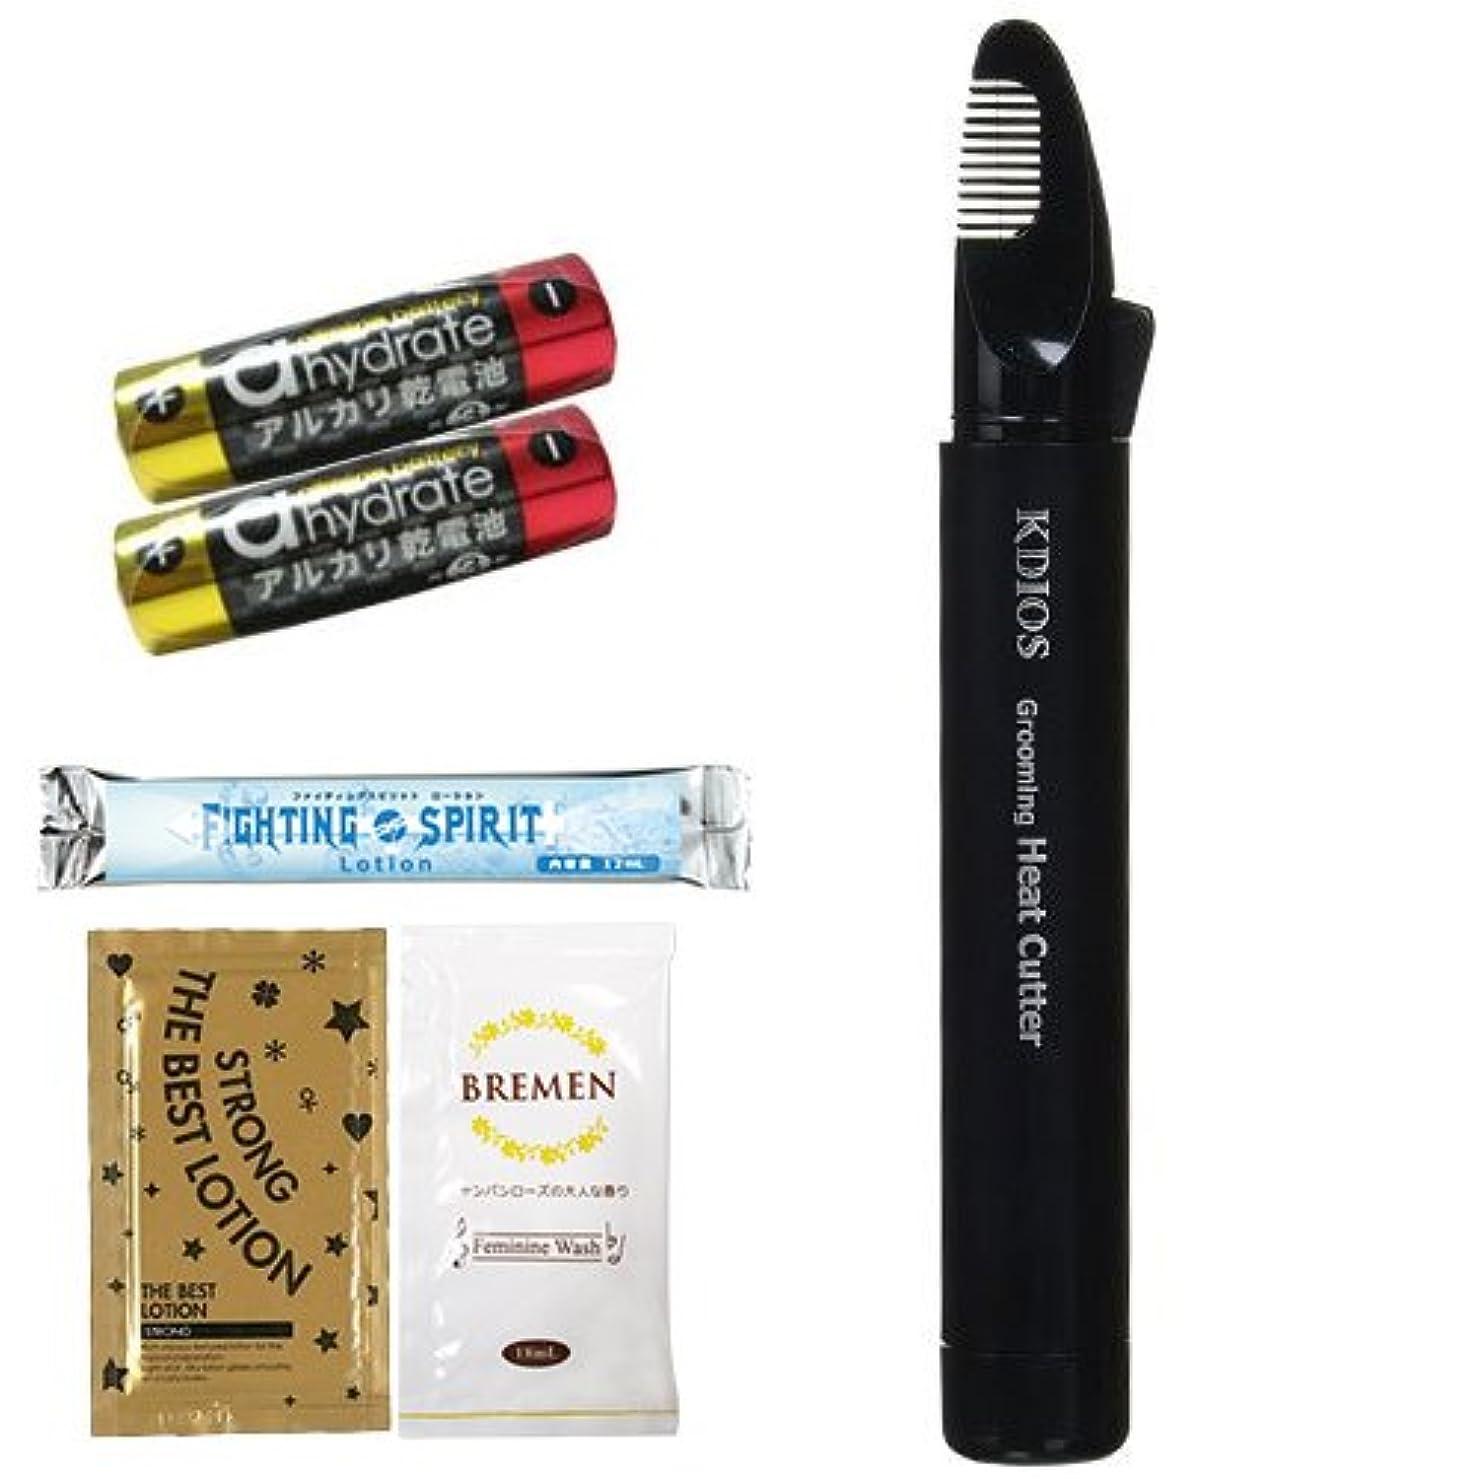 【男性用】 ケディオス(KDIOS) グルーミングヒートカッター + 単3アルカリ電池2本付き + ローション?ボディソープ3種(ベストローションストロング、ブレーメン、ファイティングスピリットローション)セット